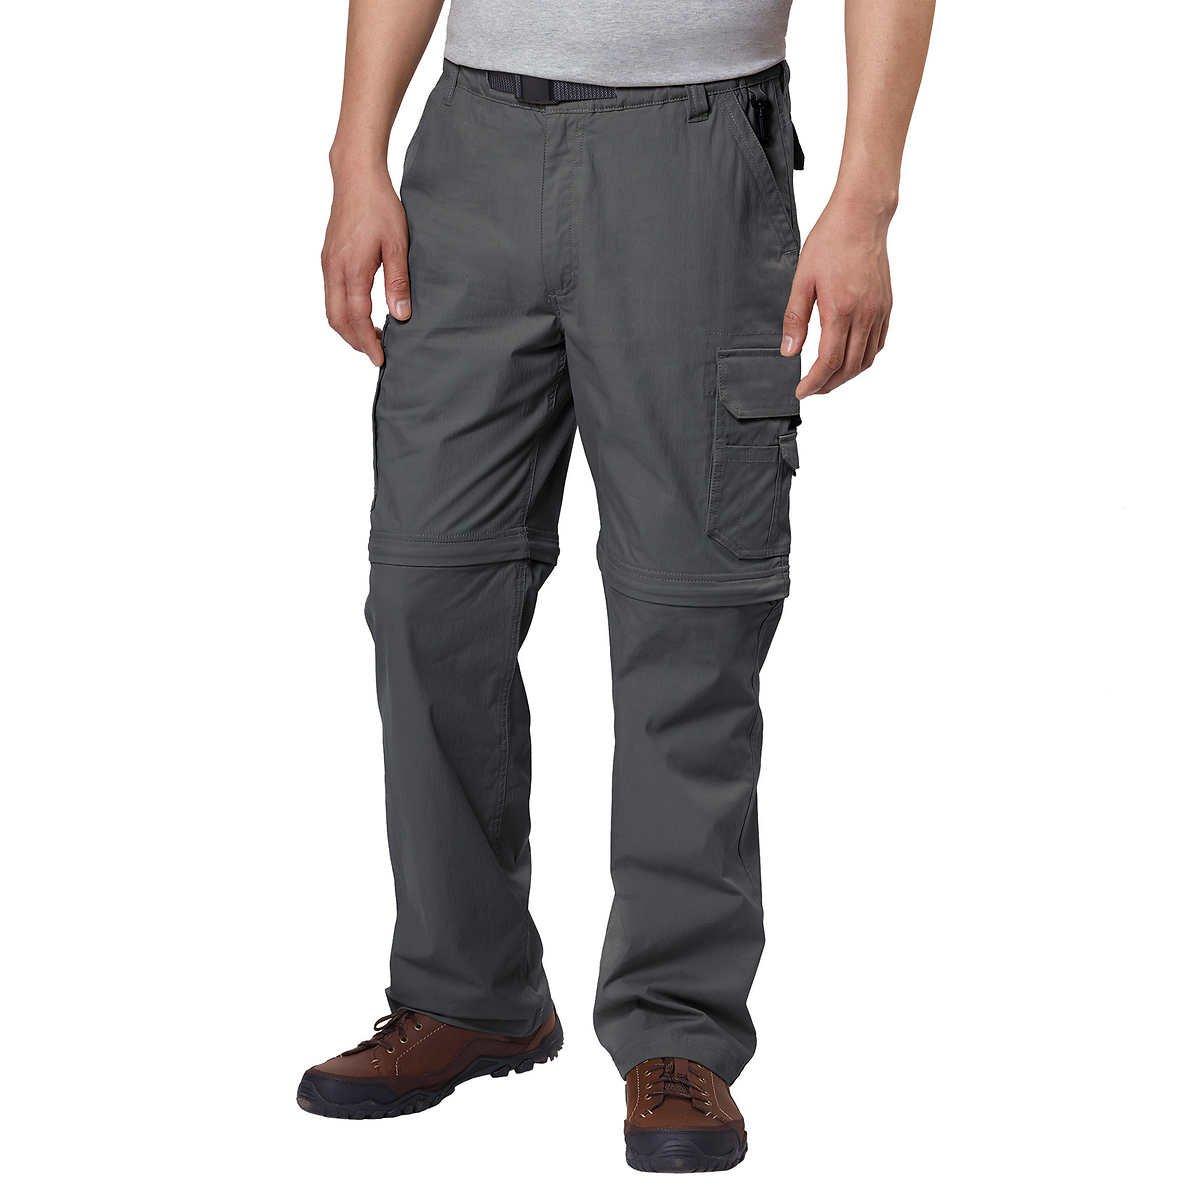 BC Clothing Mens Convertible Pant Stretch Cargo Hiking Shorts Pocket Variety